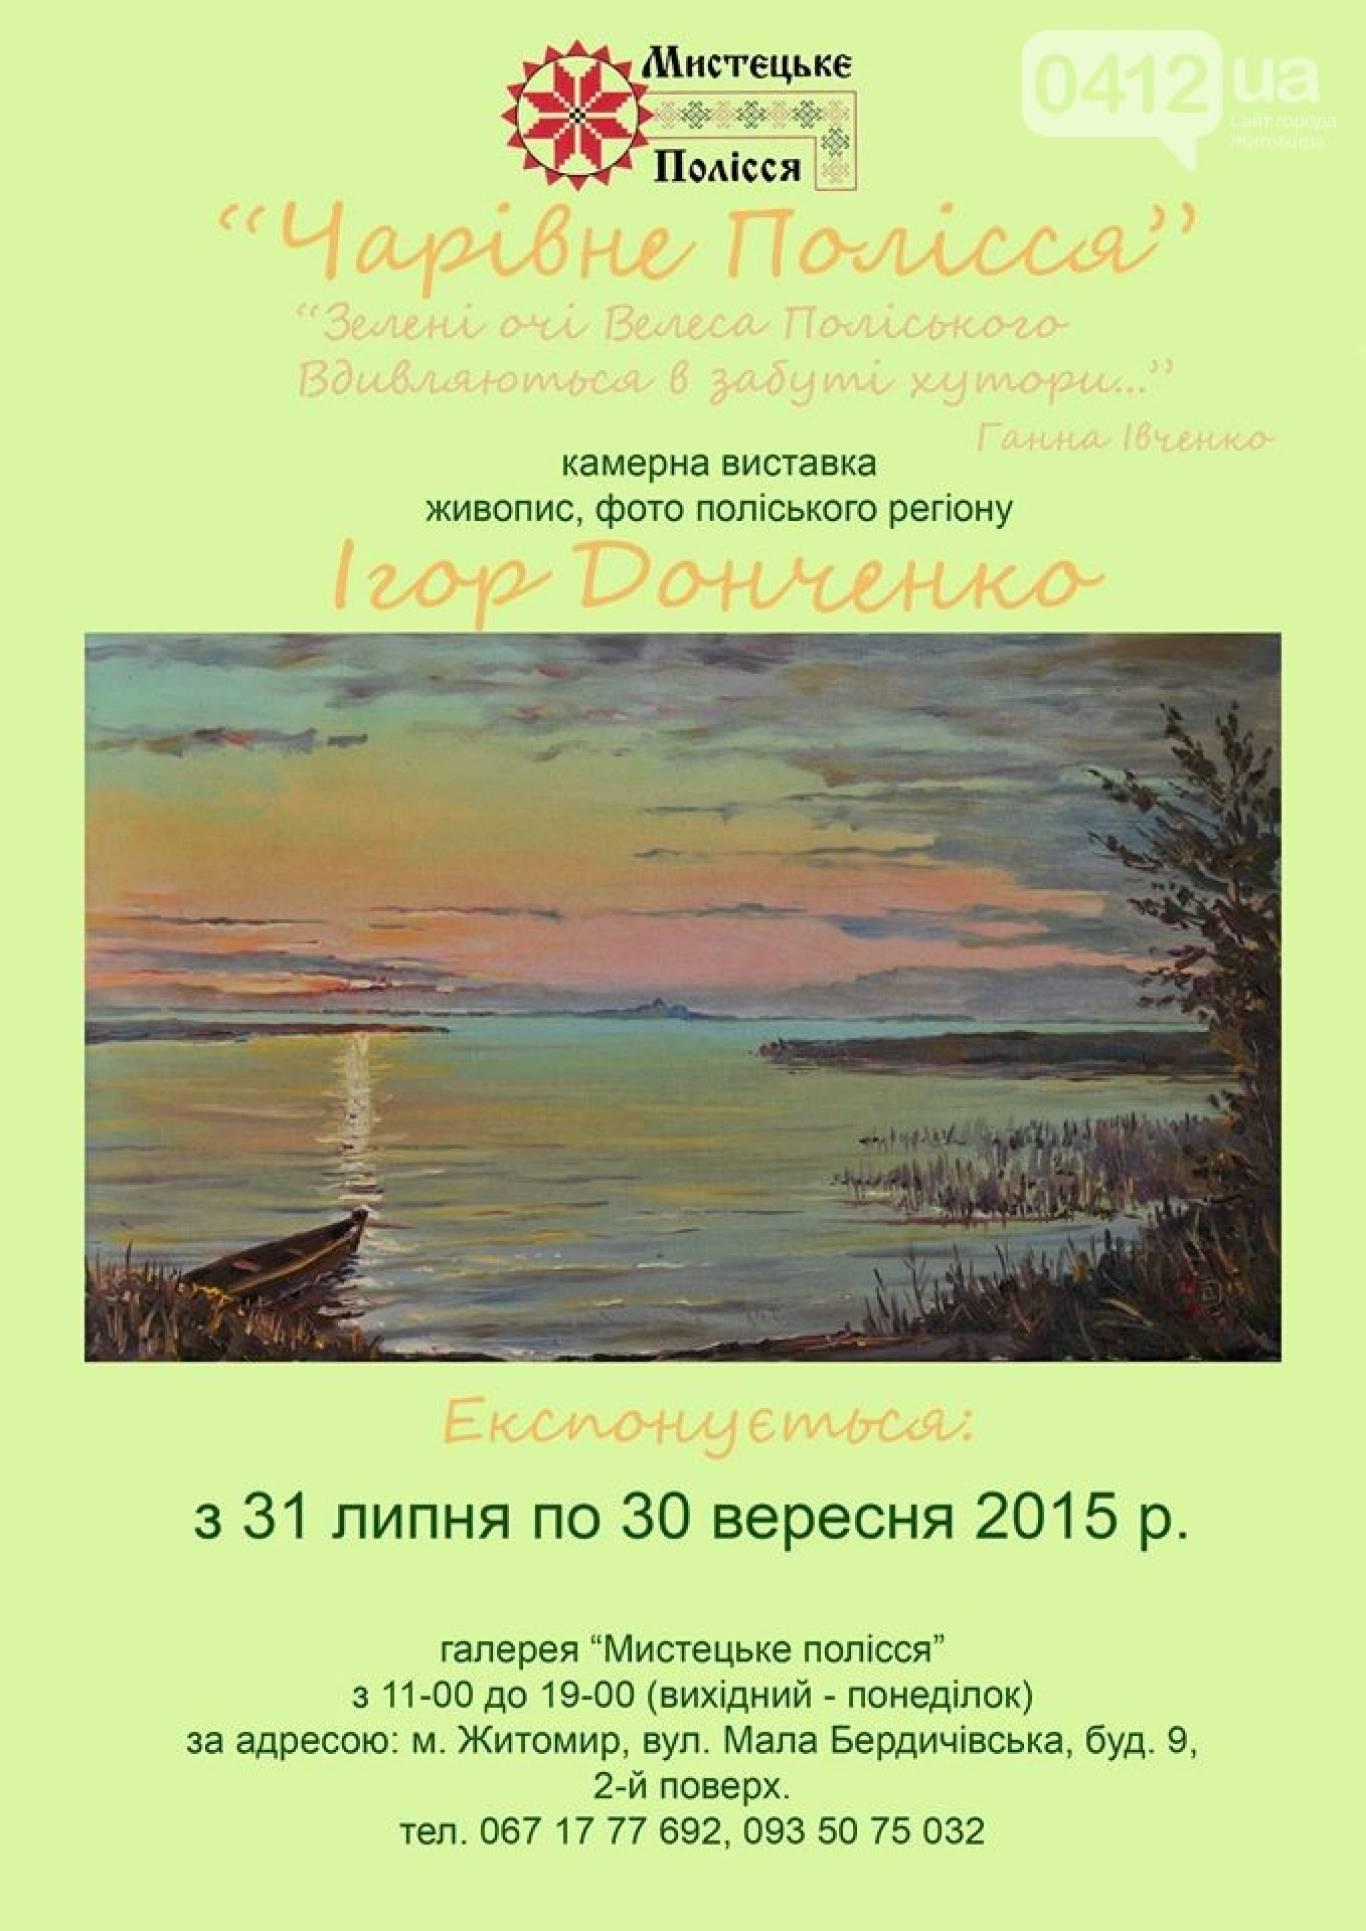 Виставка Ігоря Донченка  «Чарівне Полісся»